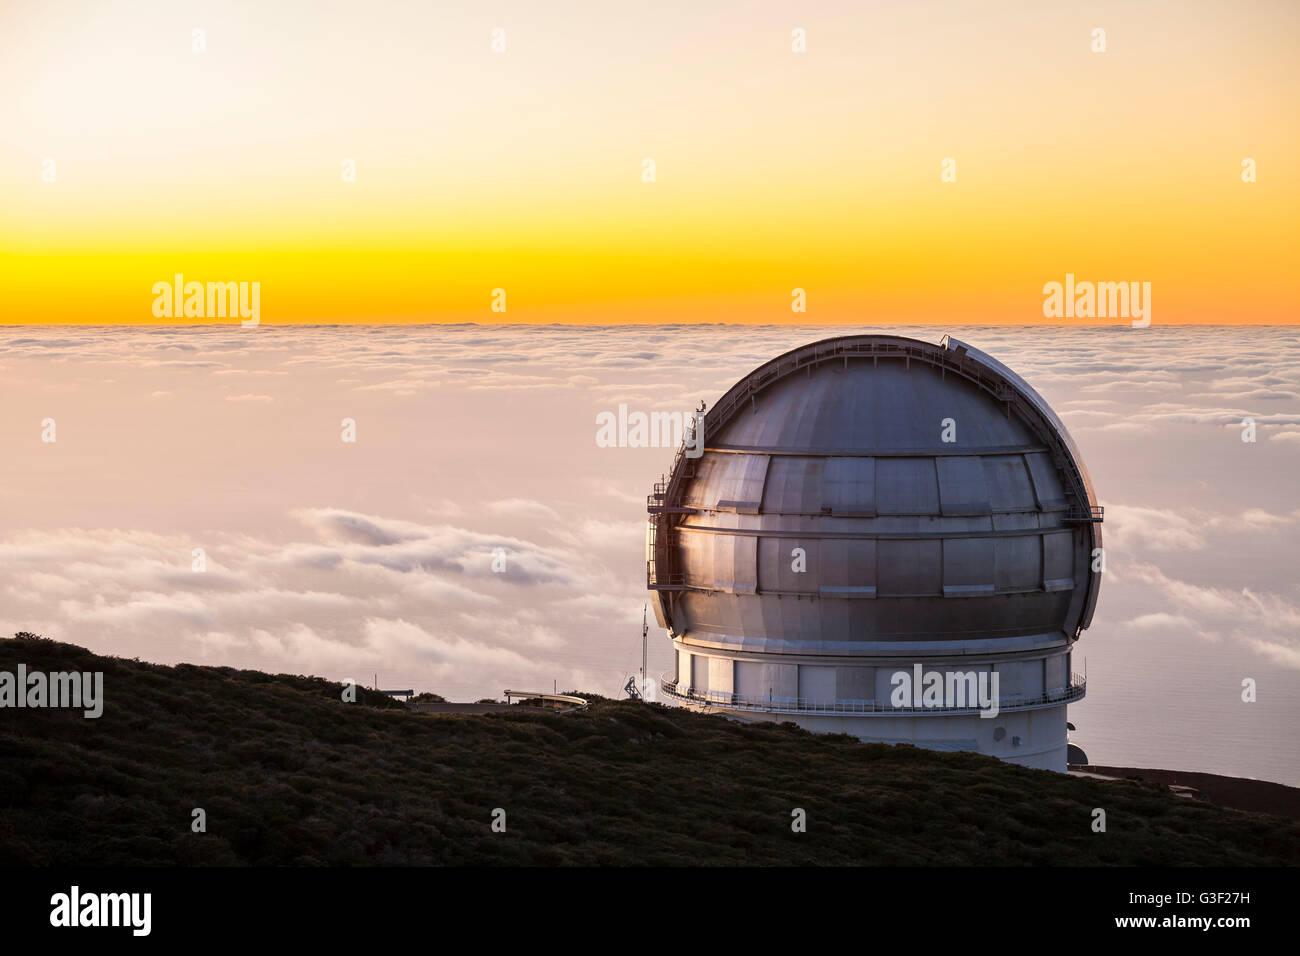 Korn Telescopio Canarias (GTC), Sternwarte auf Roque de Los Muchachos, La Palma, Kanarische Inseln, Spanien, Europa Stockbild